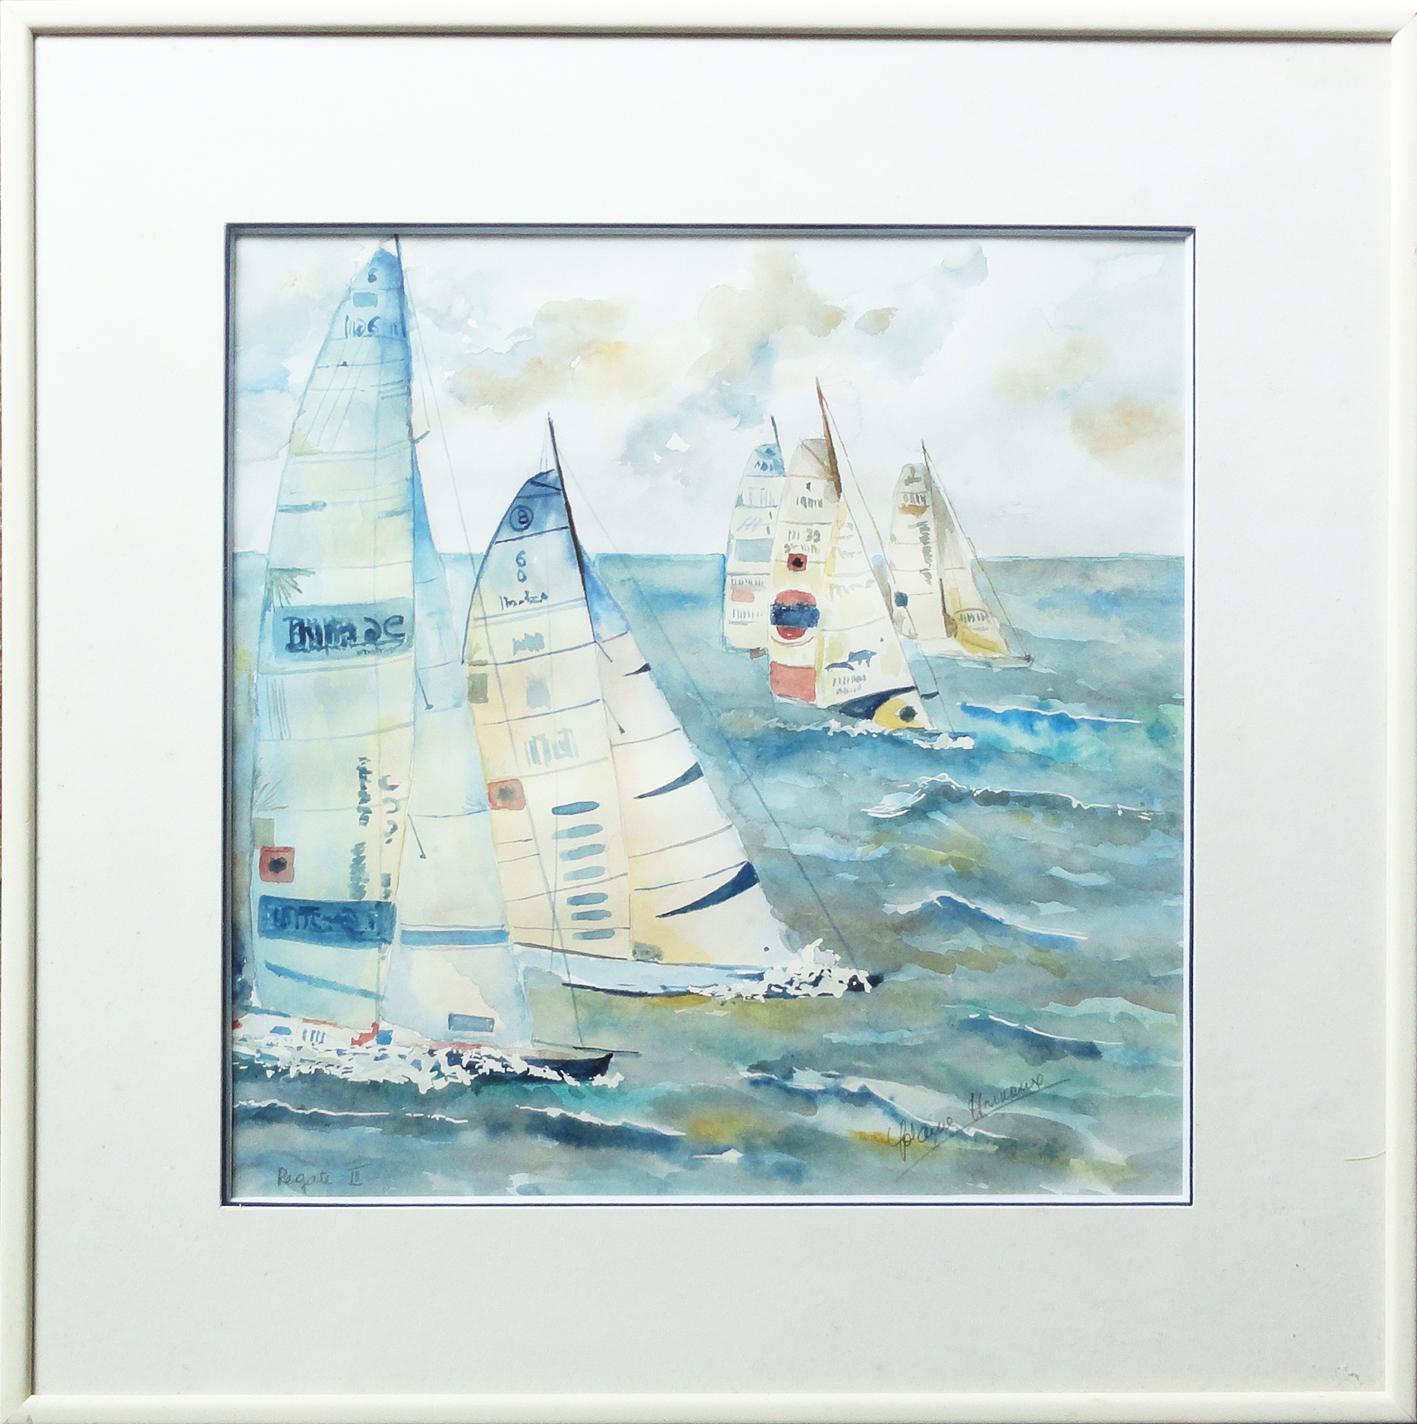 aquarelles_yolaine_hainaux_paint (49)